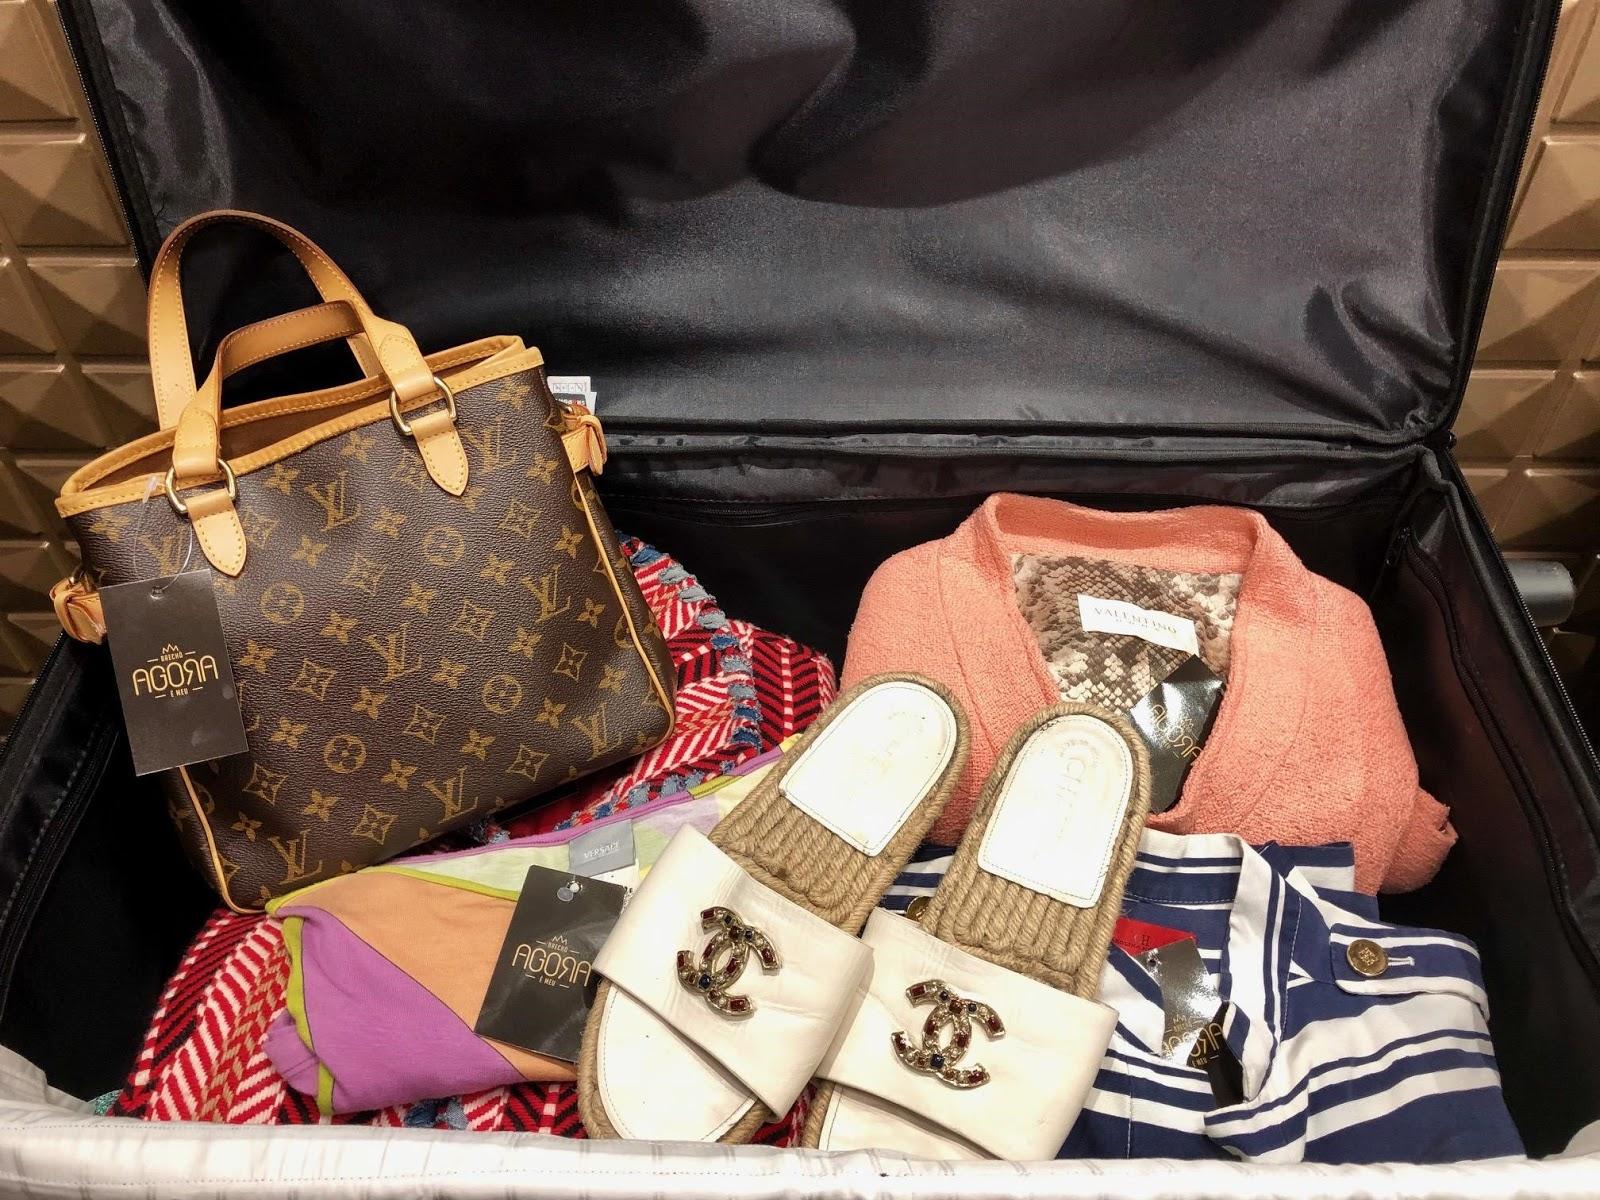 Seis ótimos motivos para comprar em brechó de luxo